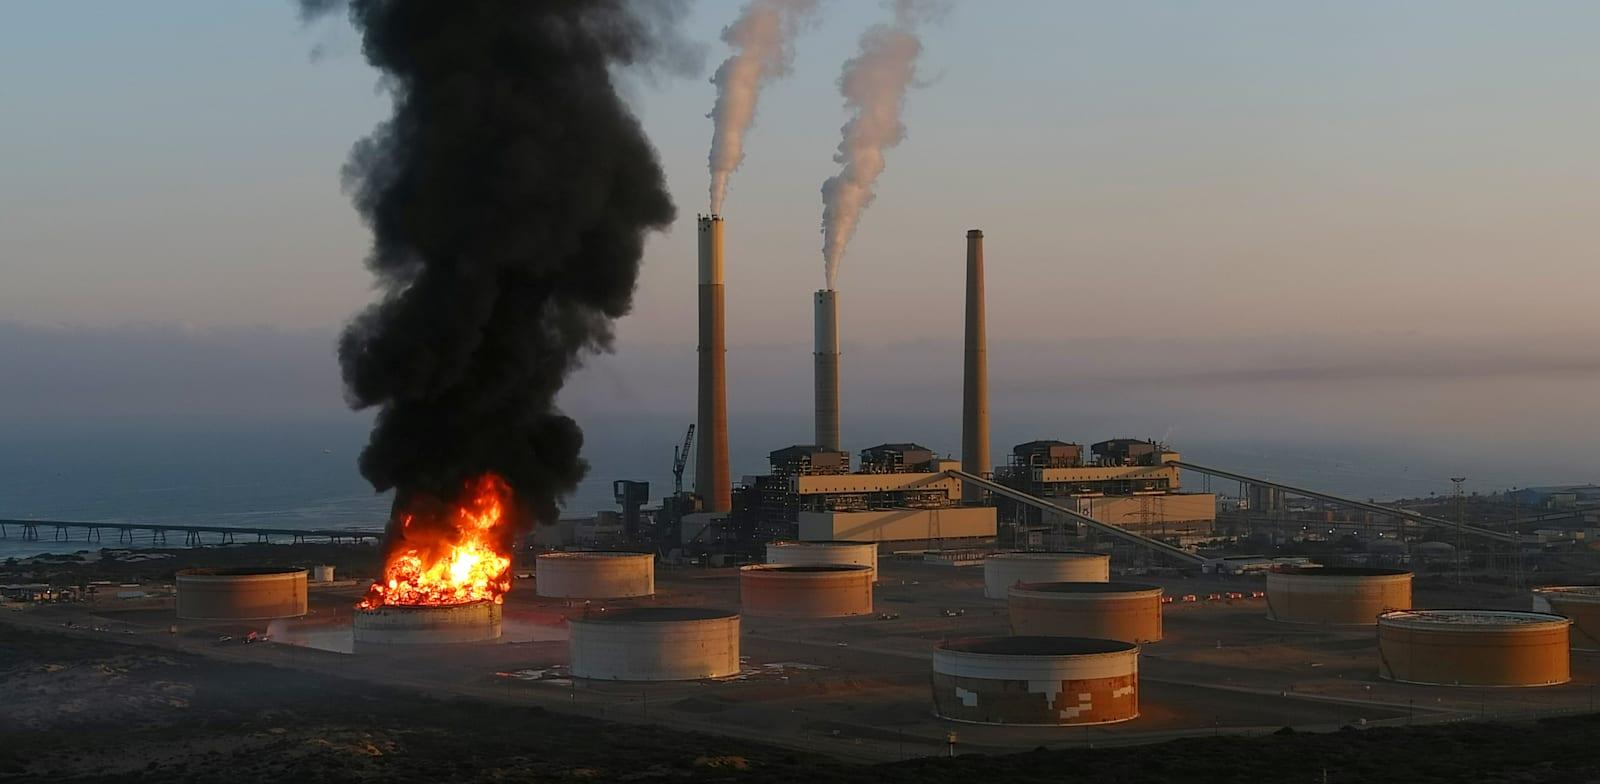 """שריפה במיכל דלק של חברת תש""""ן באשקלון שפרצה בעקבות פגיעה ישירה של רקטה / צילום: Reuters, Ilan Rosenberg"""